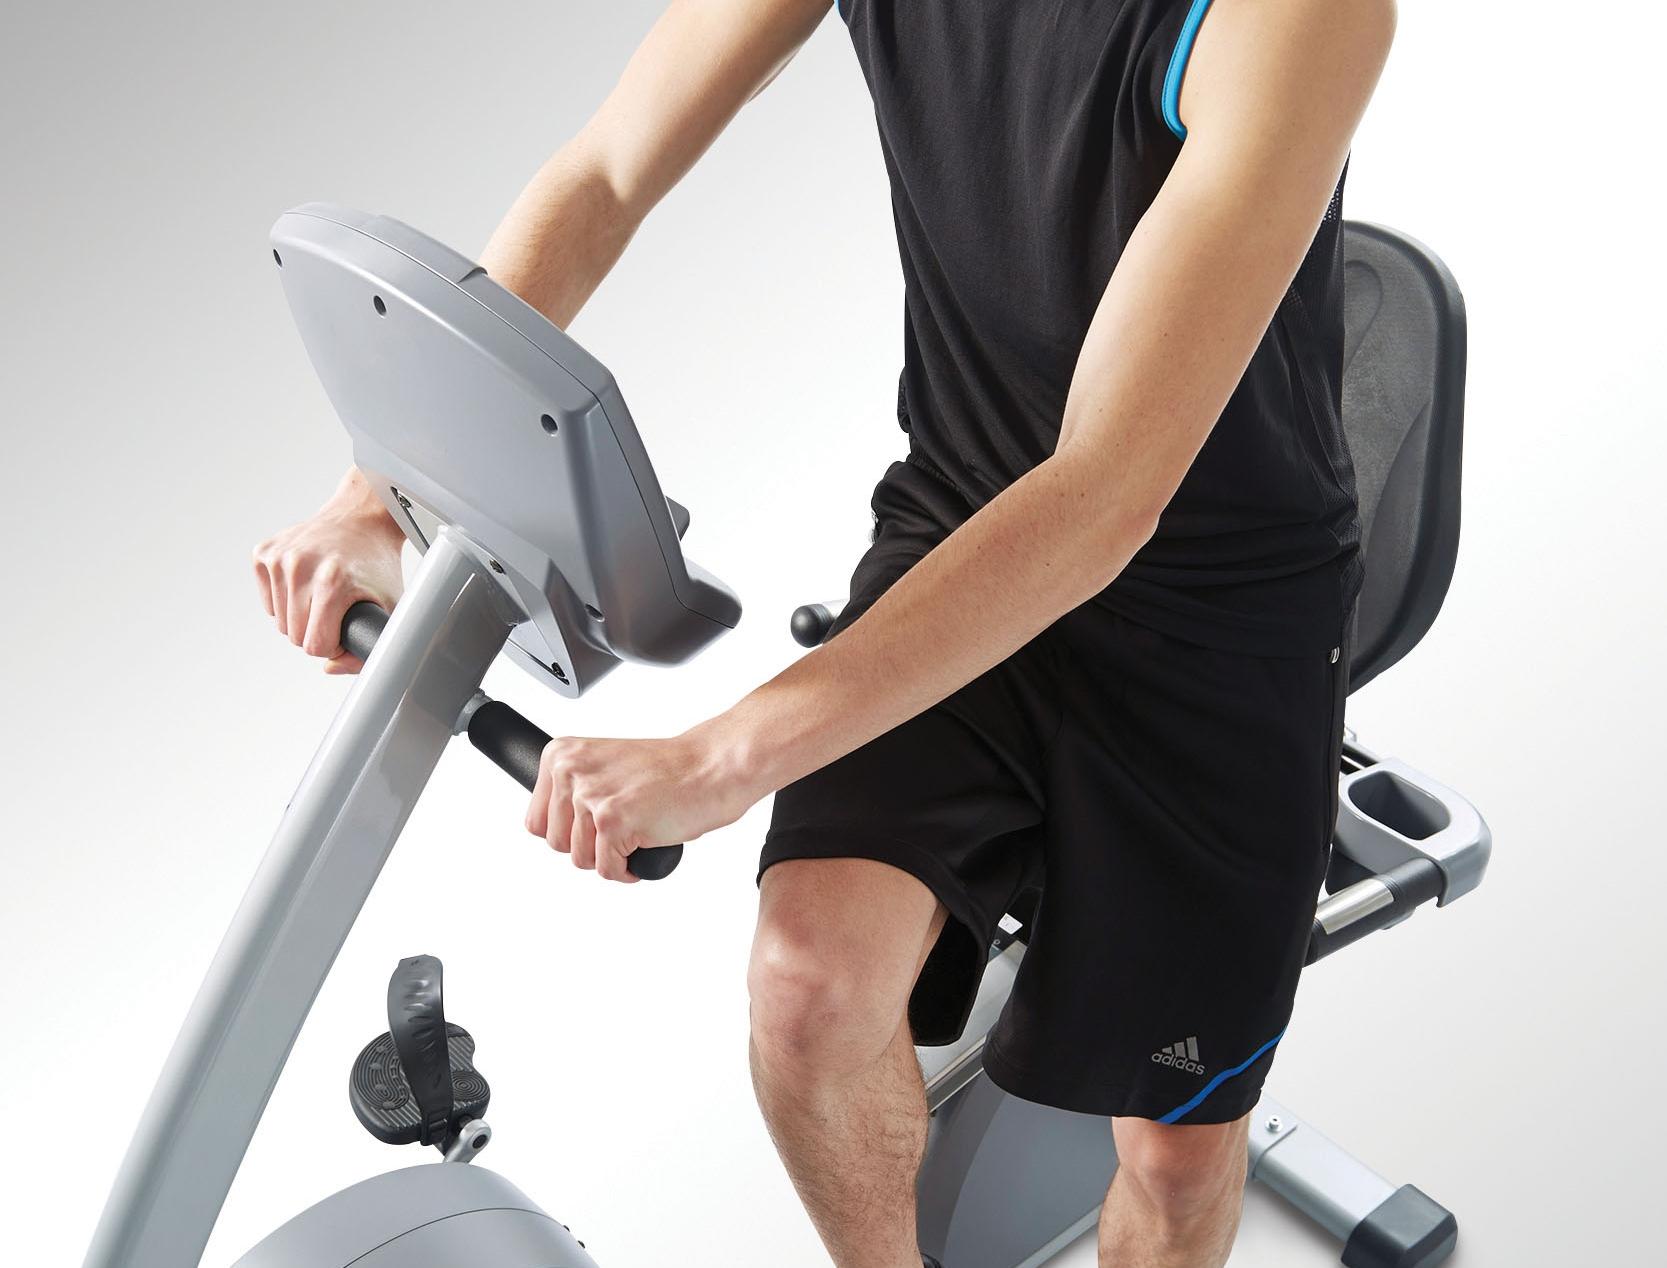 Велотренажер полезен ли от простатита деринат при простатита отзывы